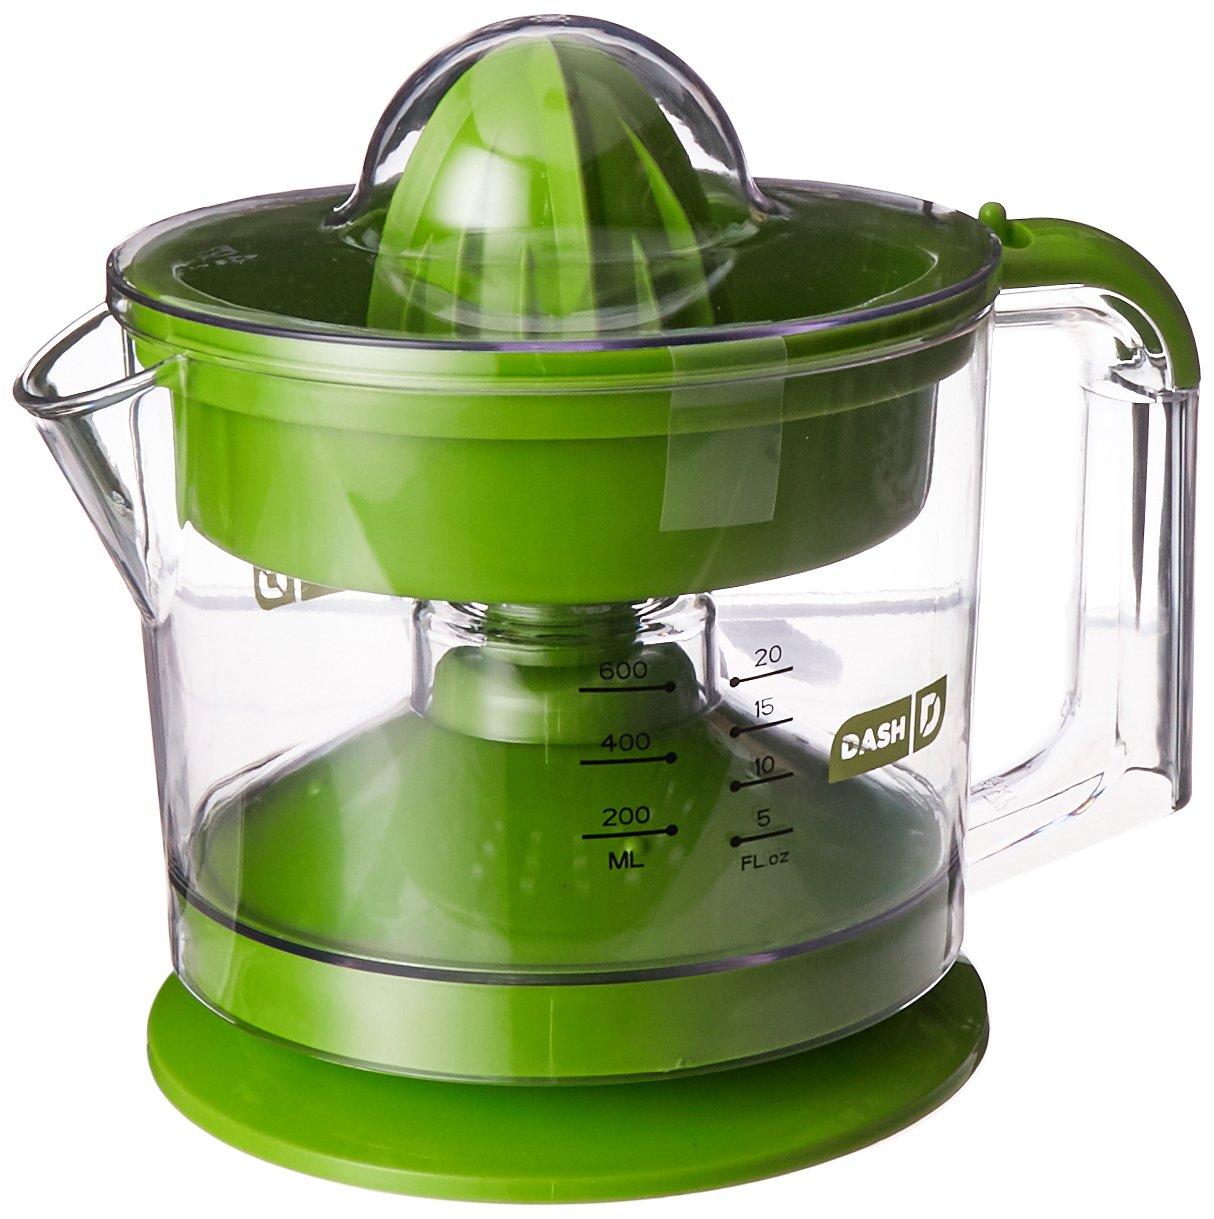 Lime Green Kitchen Appliances Amazoncom Dash Go Citrus Juicer Electric Citrus Juicers